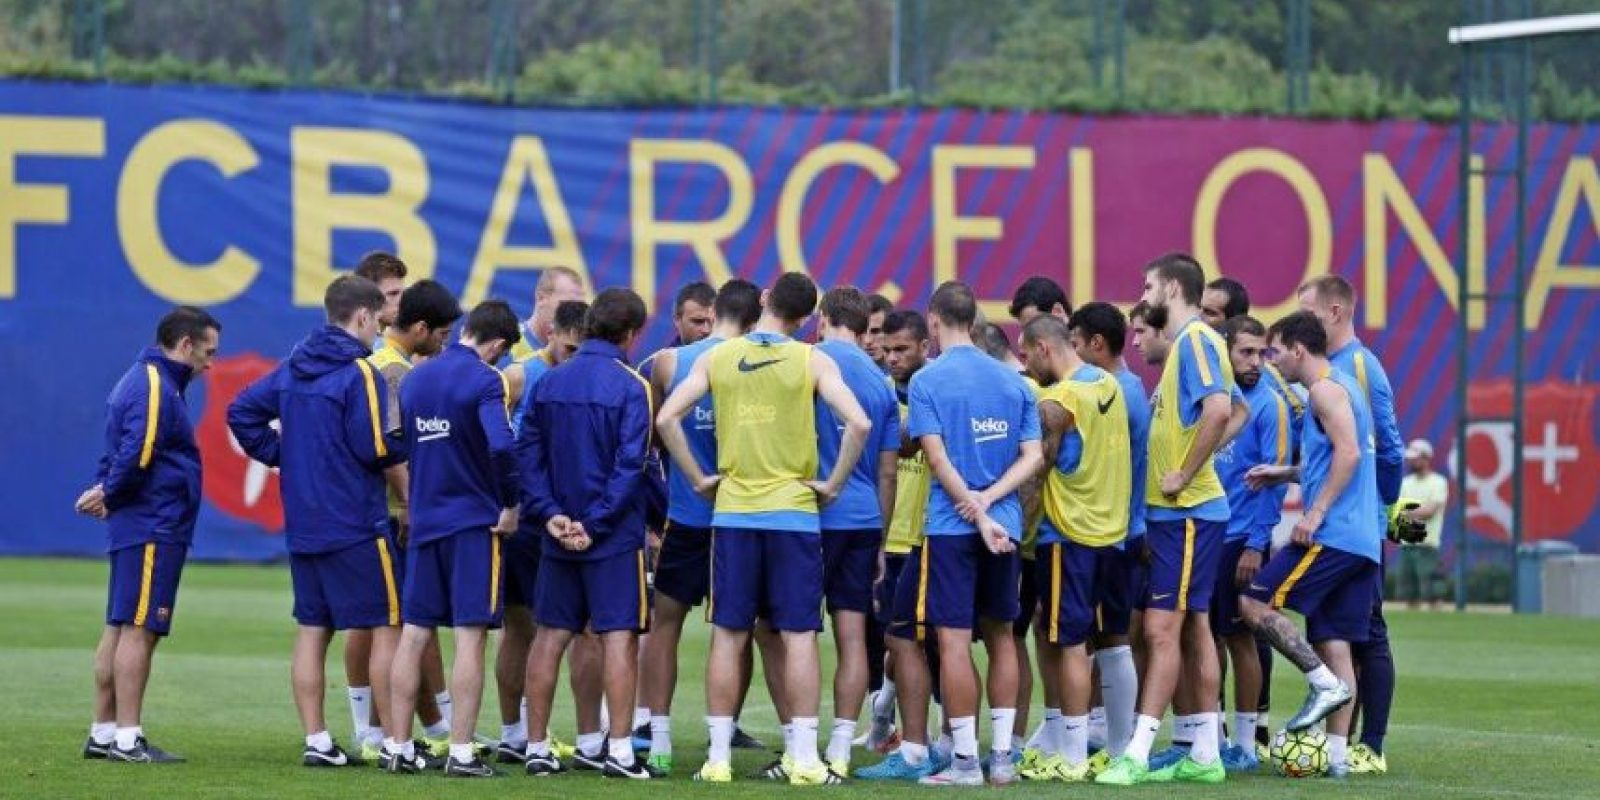 ¡Volvió! Tras dos semanas de baja, Neymar regresó a los trabajos del Barcelona. Foto:Vía facebook.com/fcbarcelona